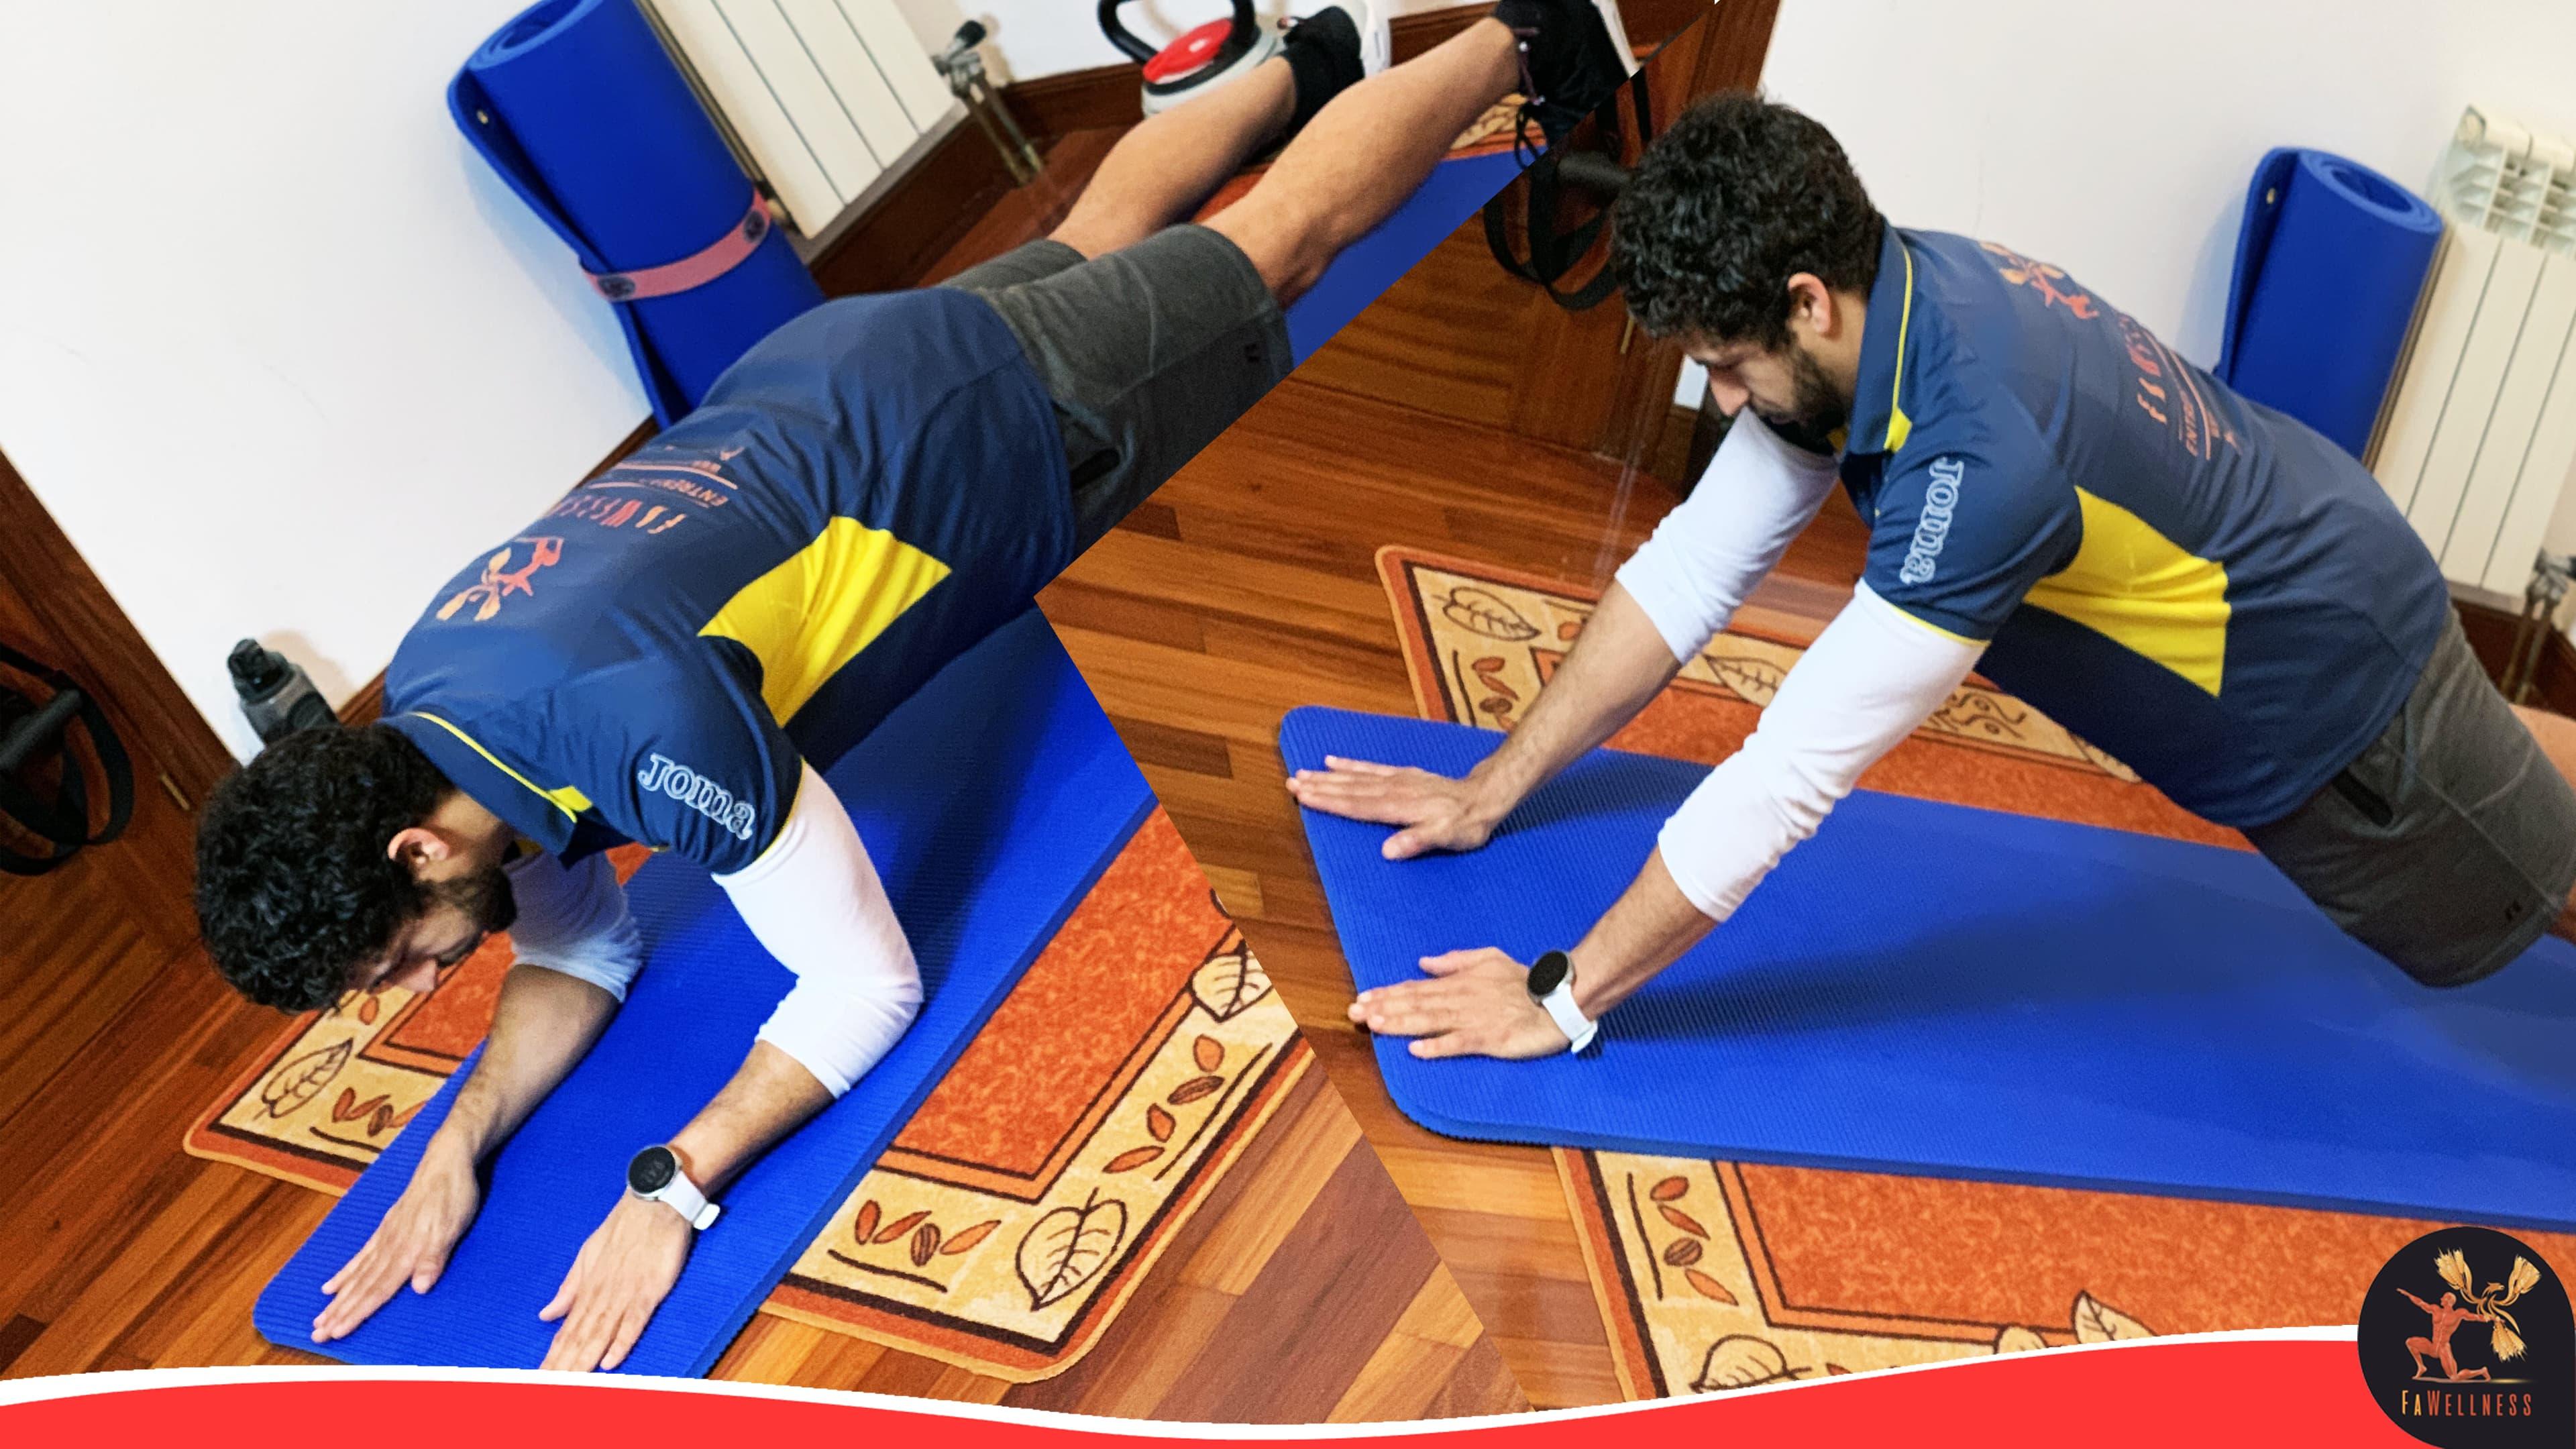 imagen blog FaWellness | Los mejores ejercicios de autocarga para brazos: más músculo de bíceps y tríceps sin pesas